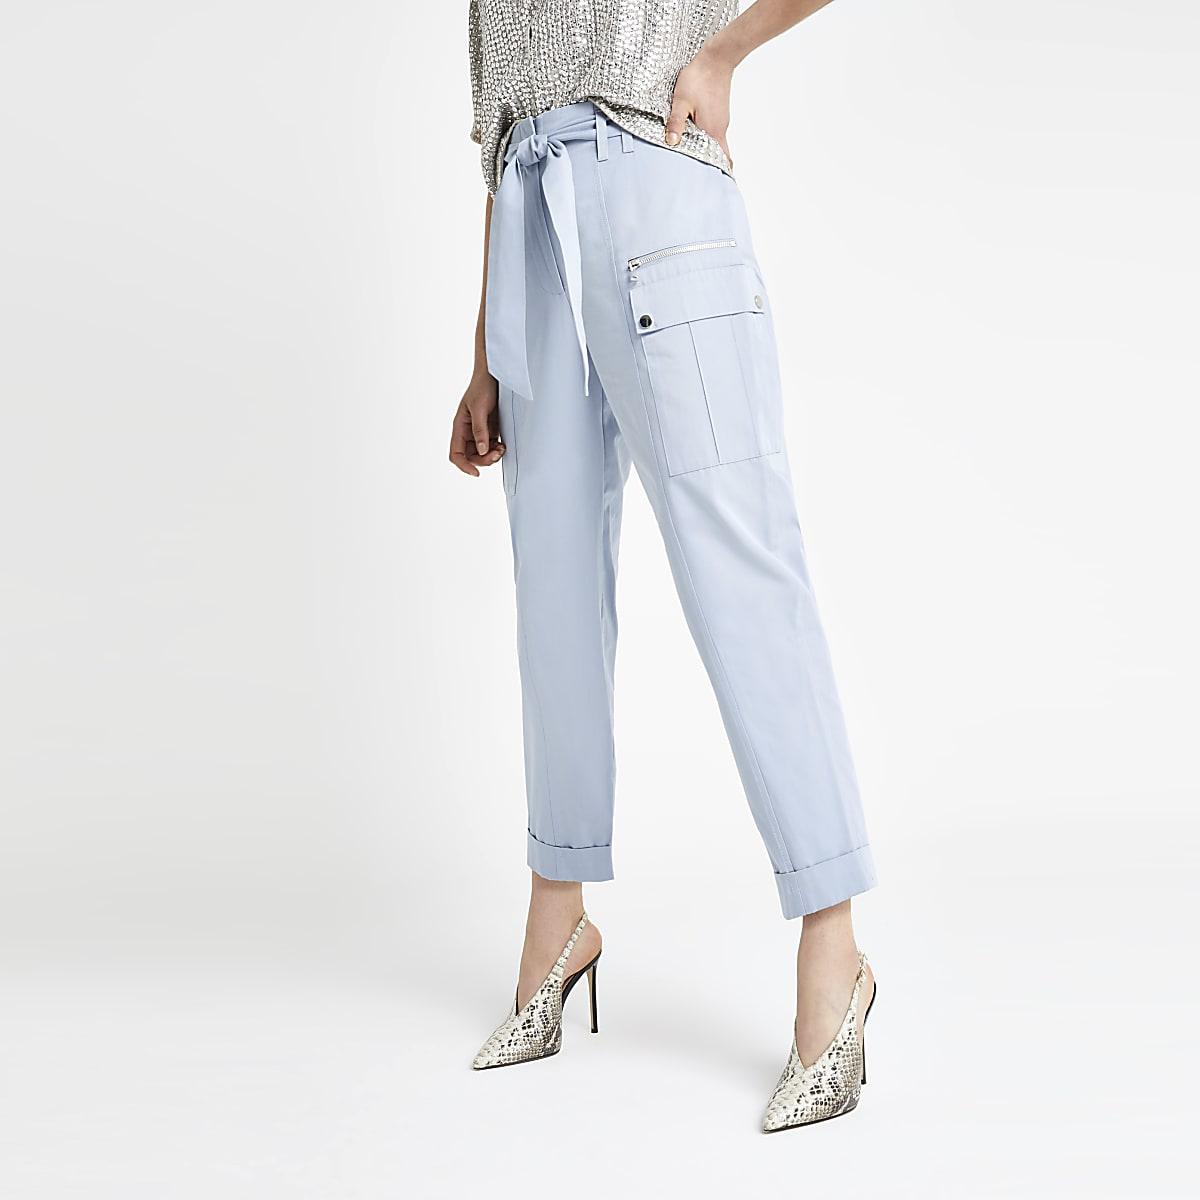 Blauwe utility smaltoelopende broek